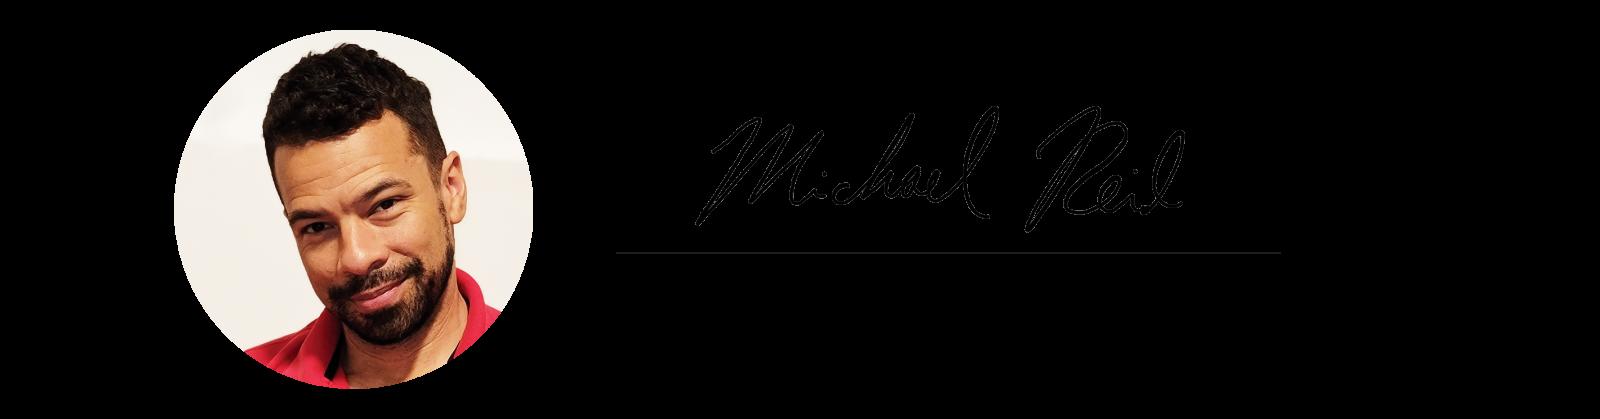 Katie Botkin signature